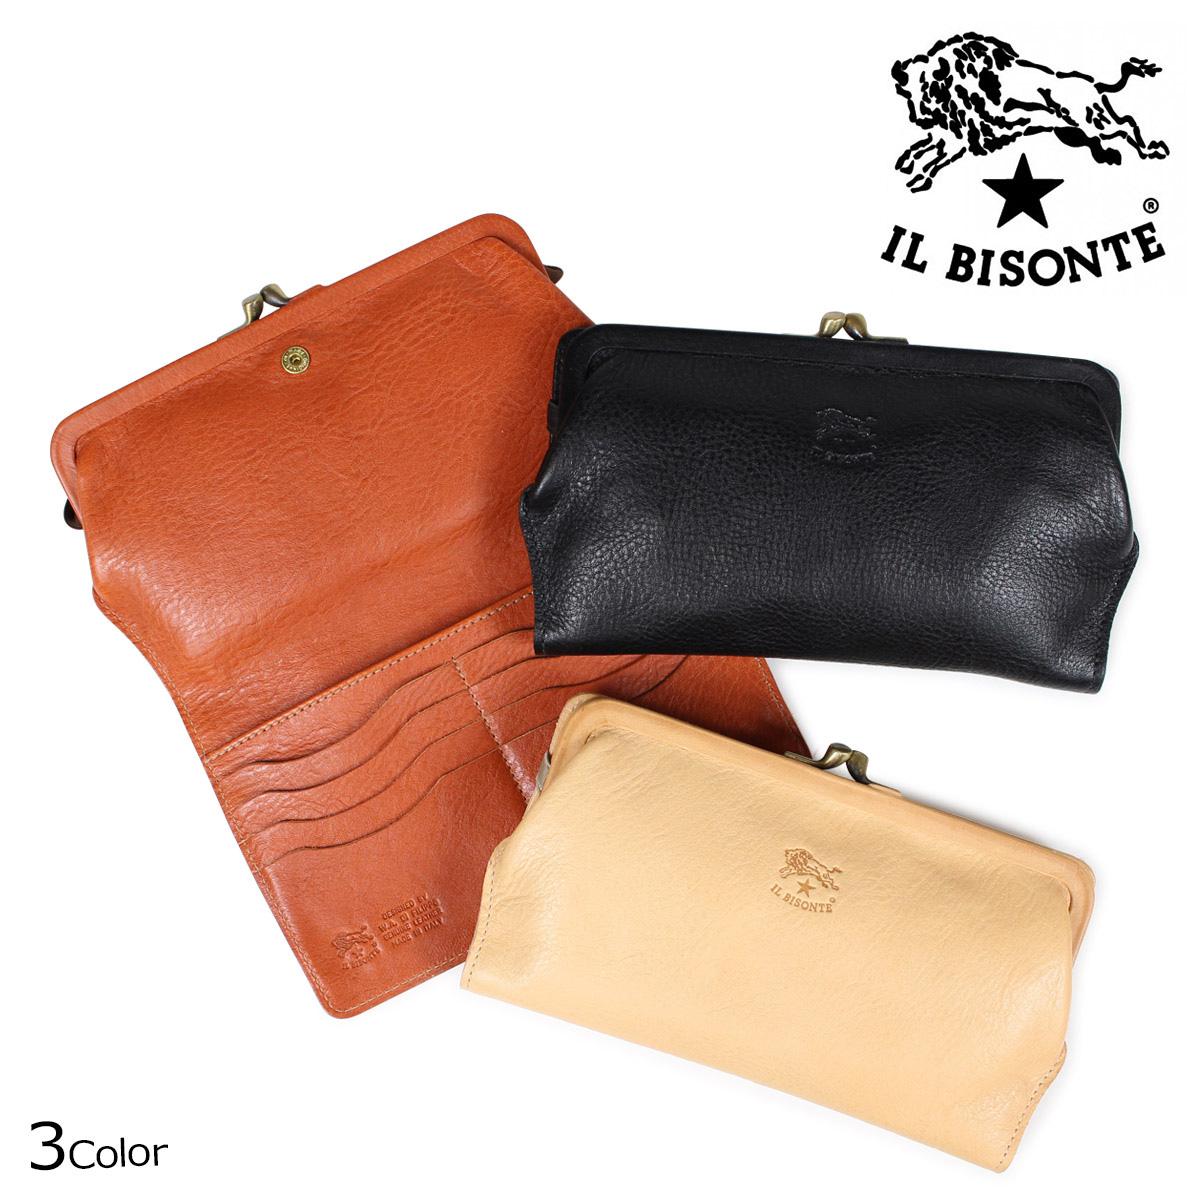 IL BISONTE STANDARD イルビゾンテ 財布 長財布 レディース がま口 ブラック ベージュ ブラウン C0671 P